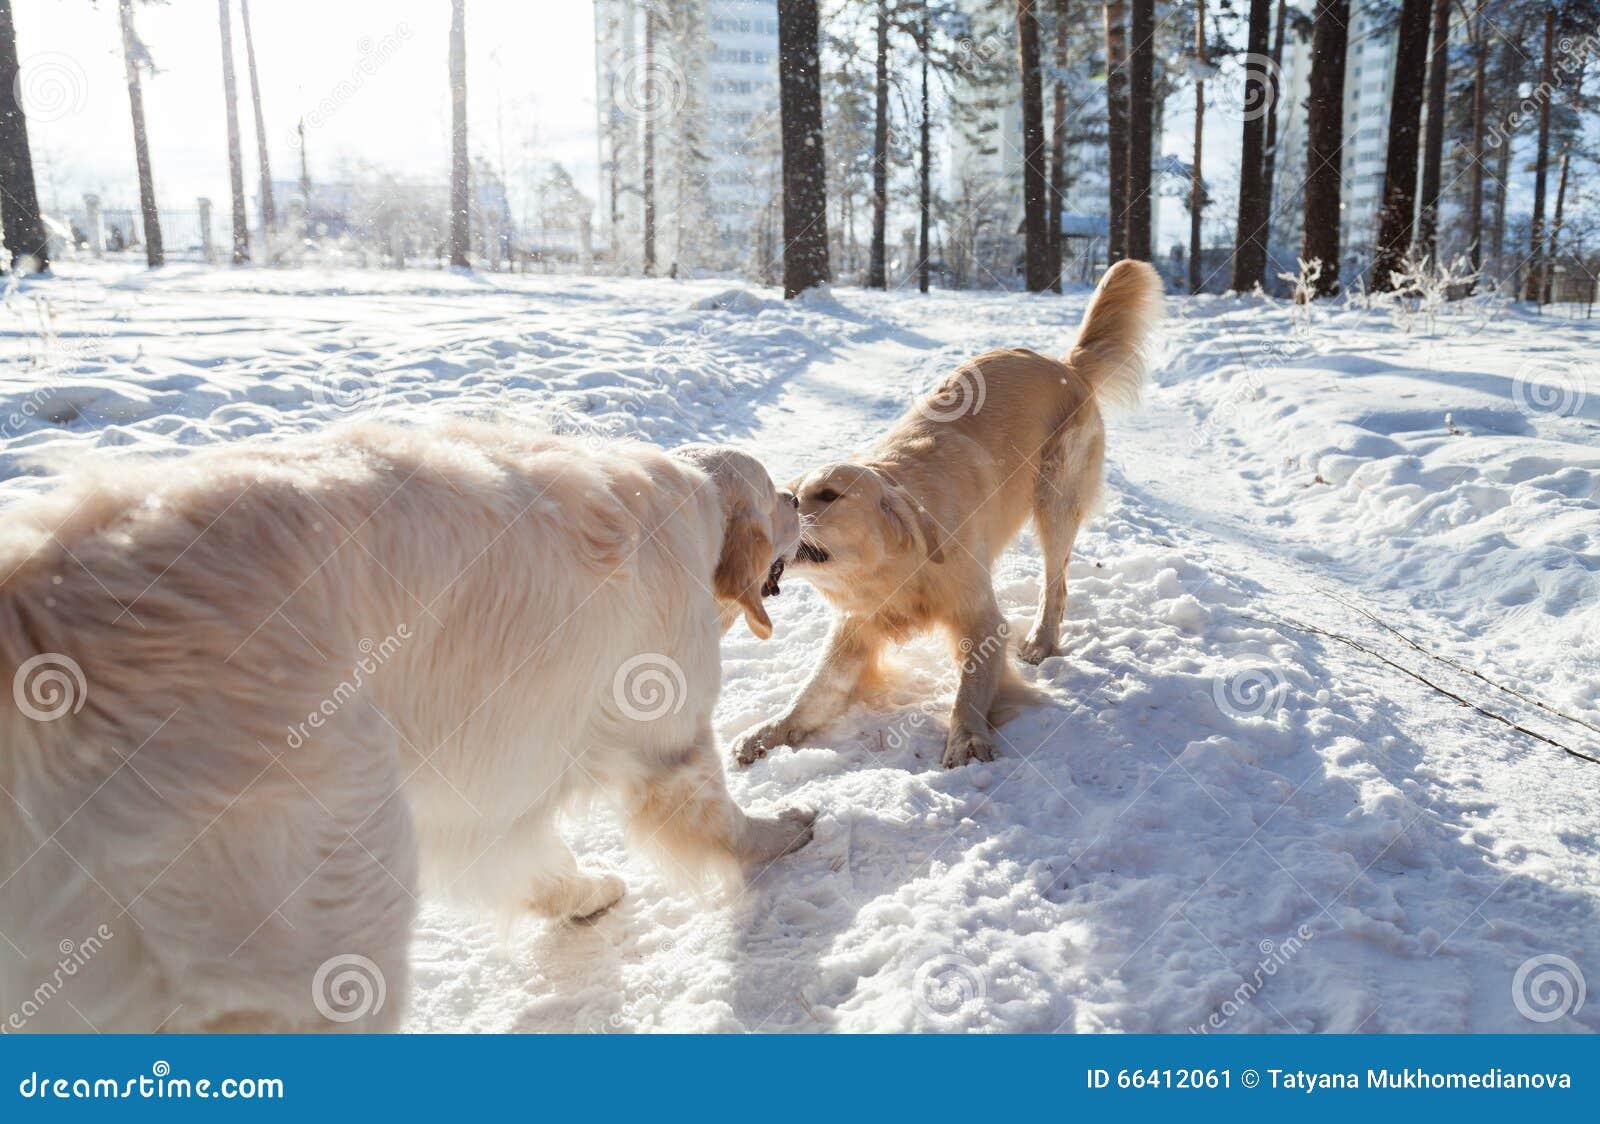 Gartenmobel Eisen Weiss :  im Schnee im Park spielt Kleidung für Hunde Hund im Winter in der